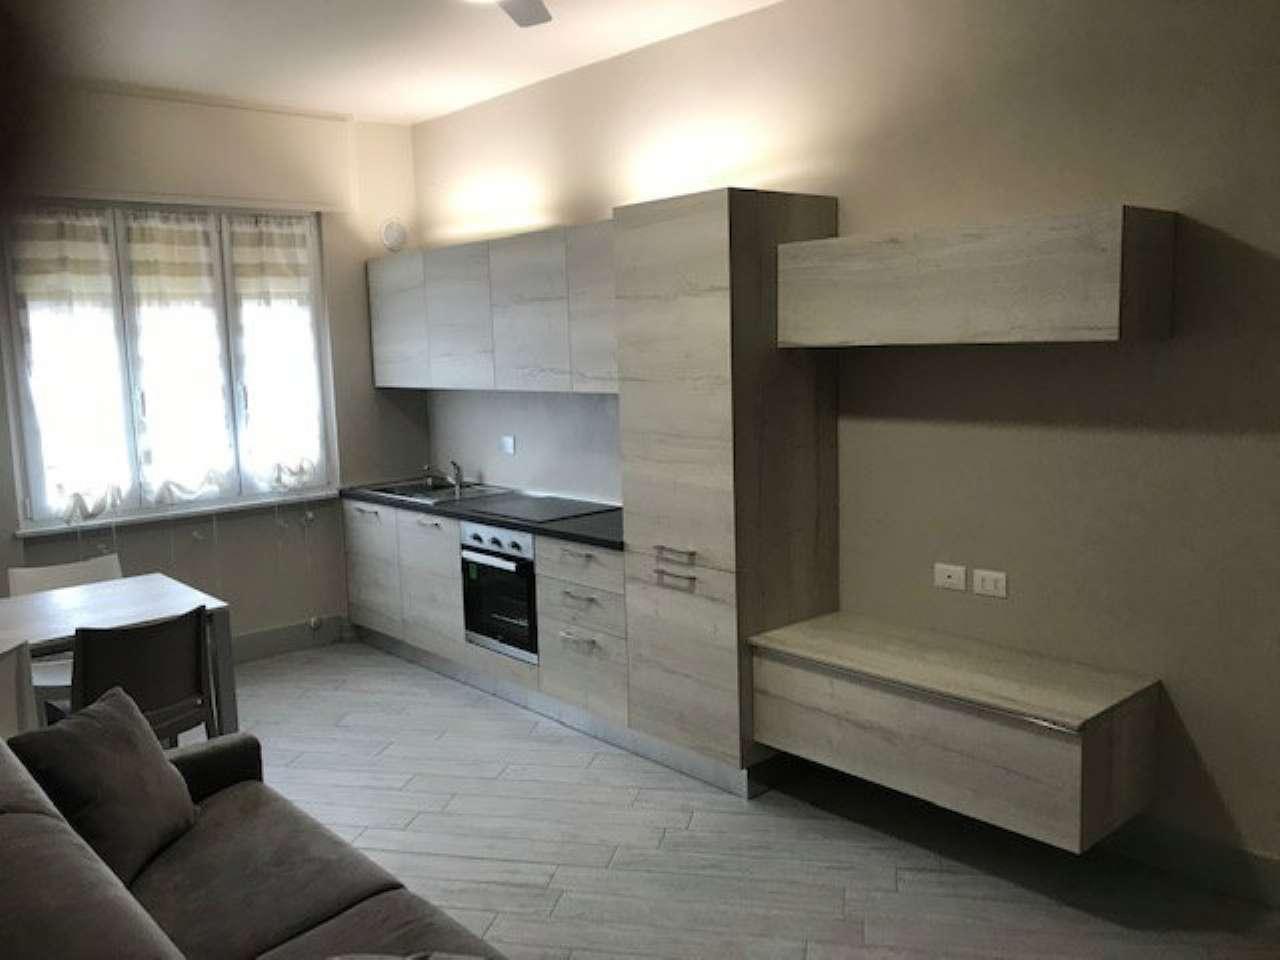 Appartamento in affitto a Loano, 3 locali, Trattative riservate | CambioCasa.it